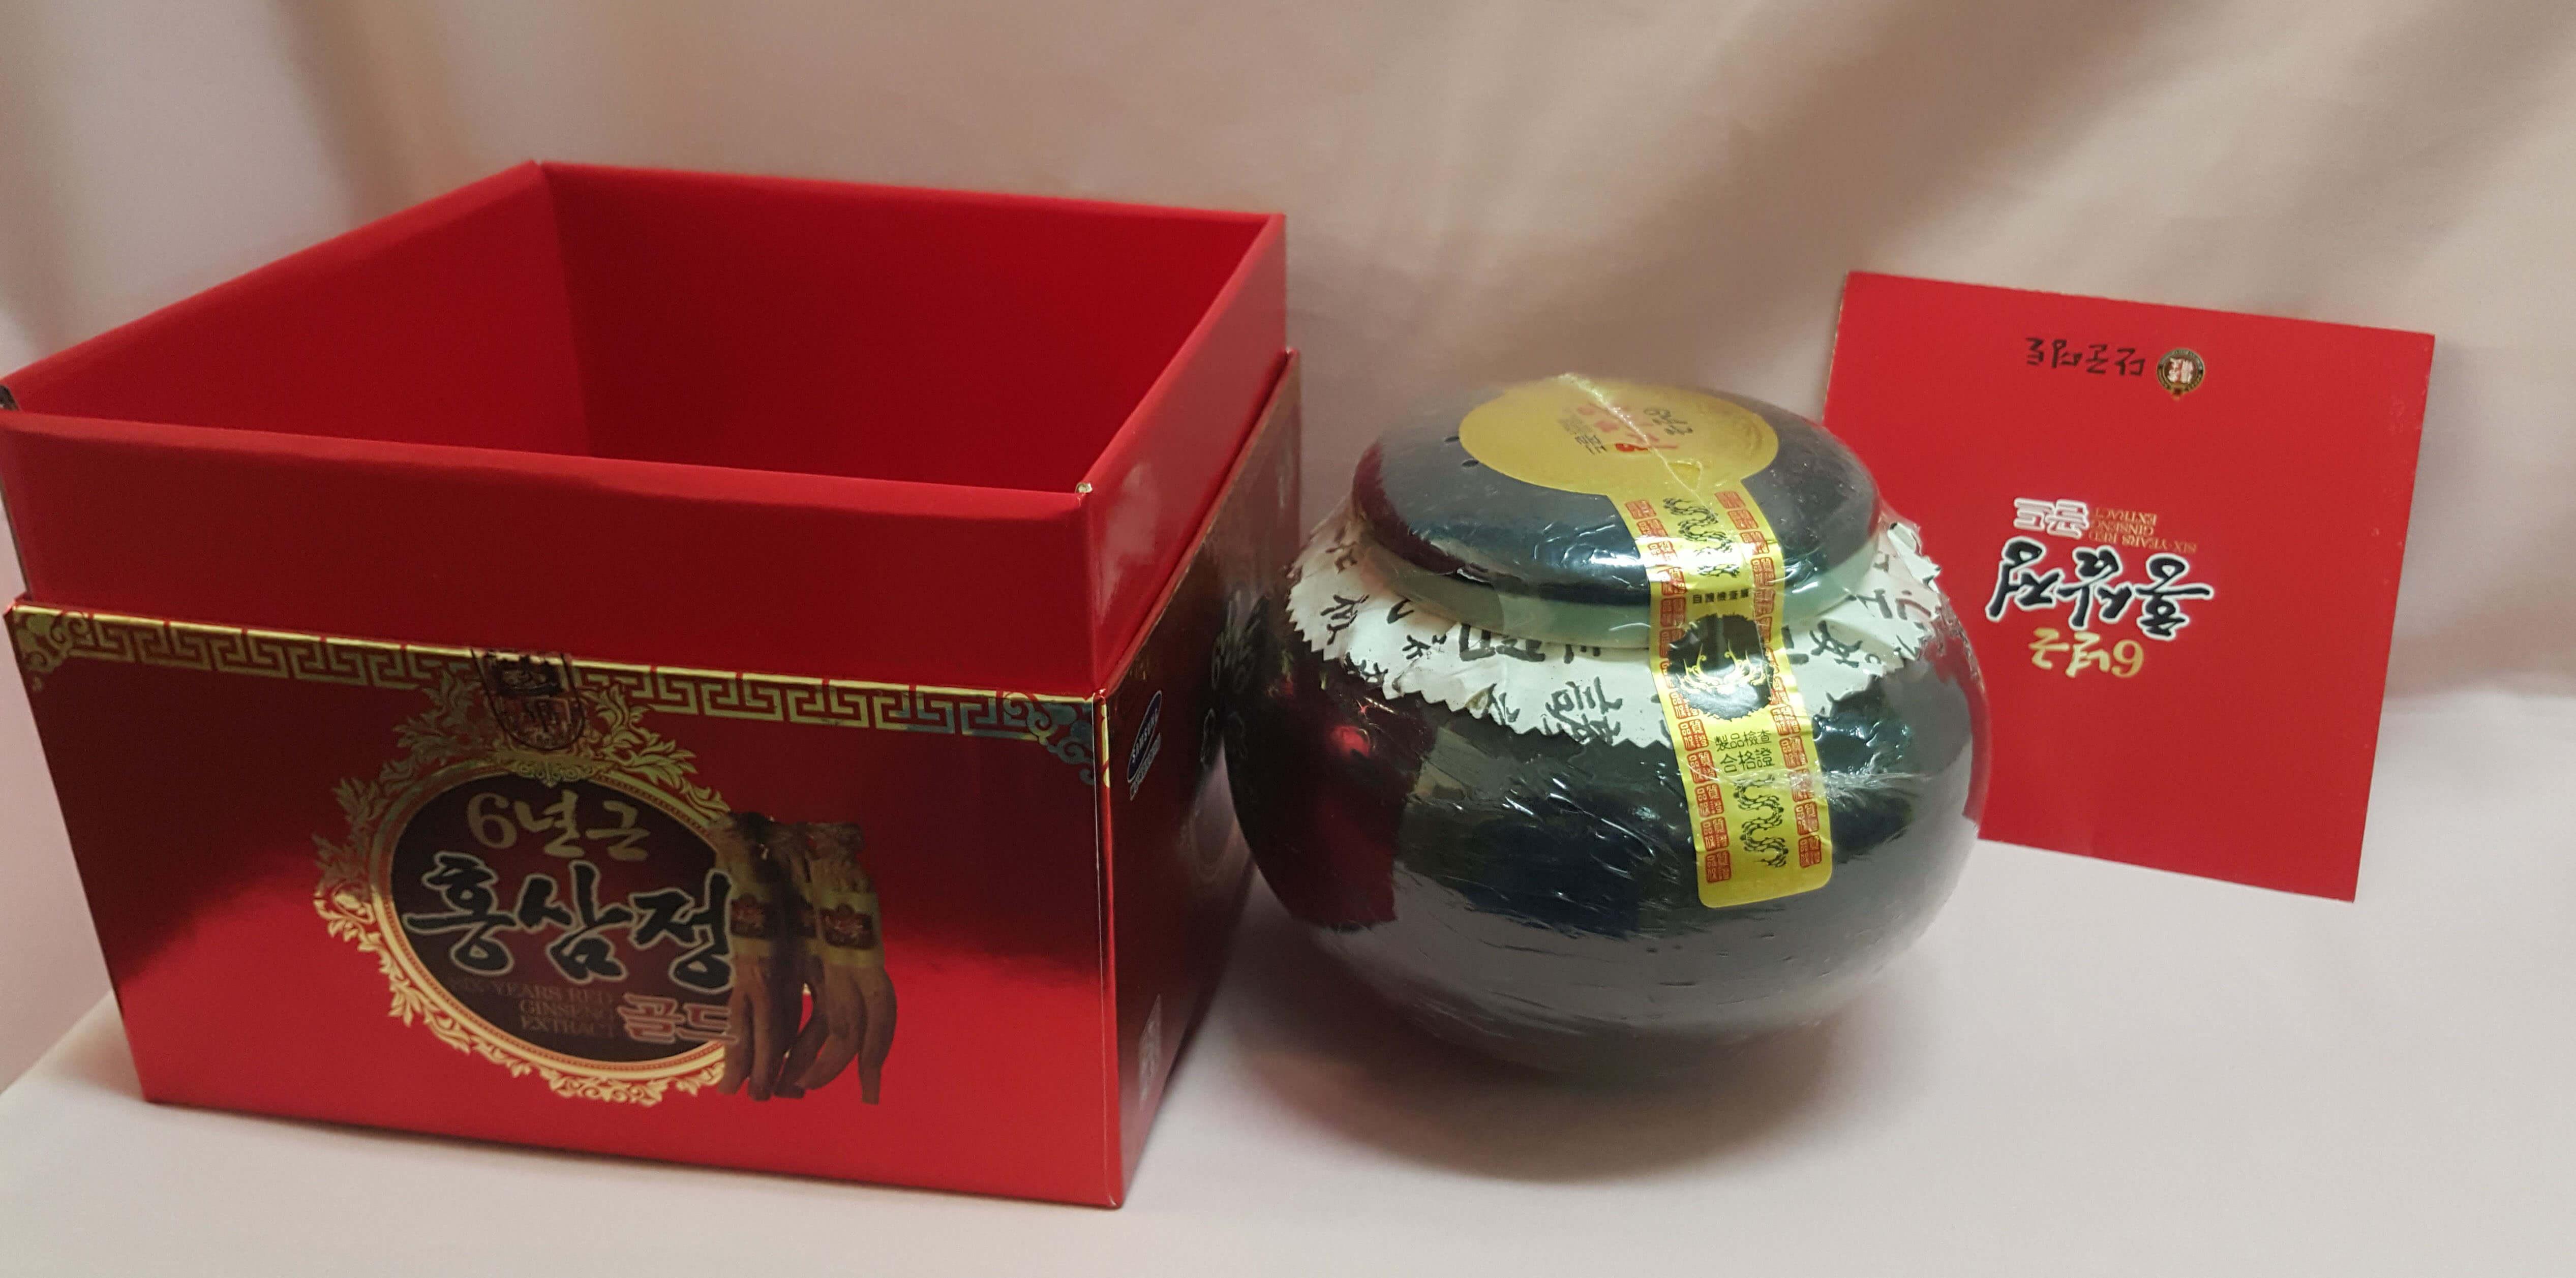 Cao Hồng Sâm Hàn Quốc hộp sứ xanh 1kg